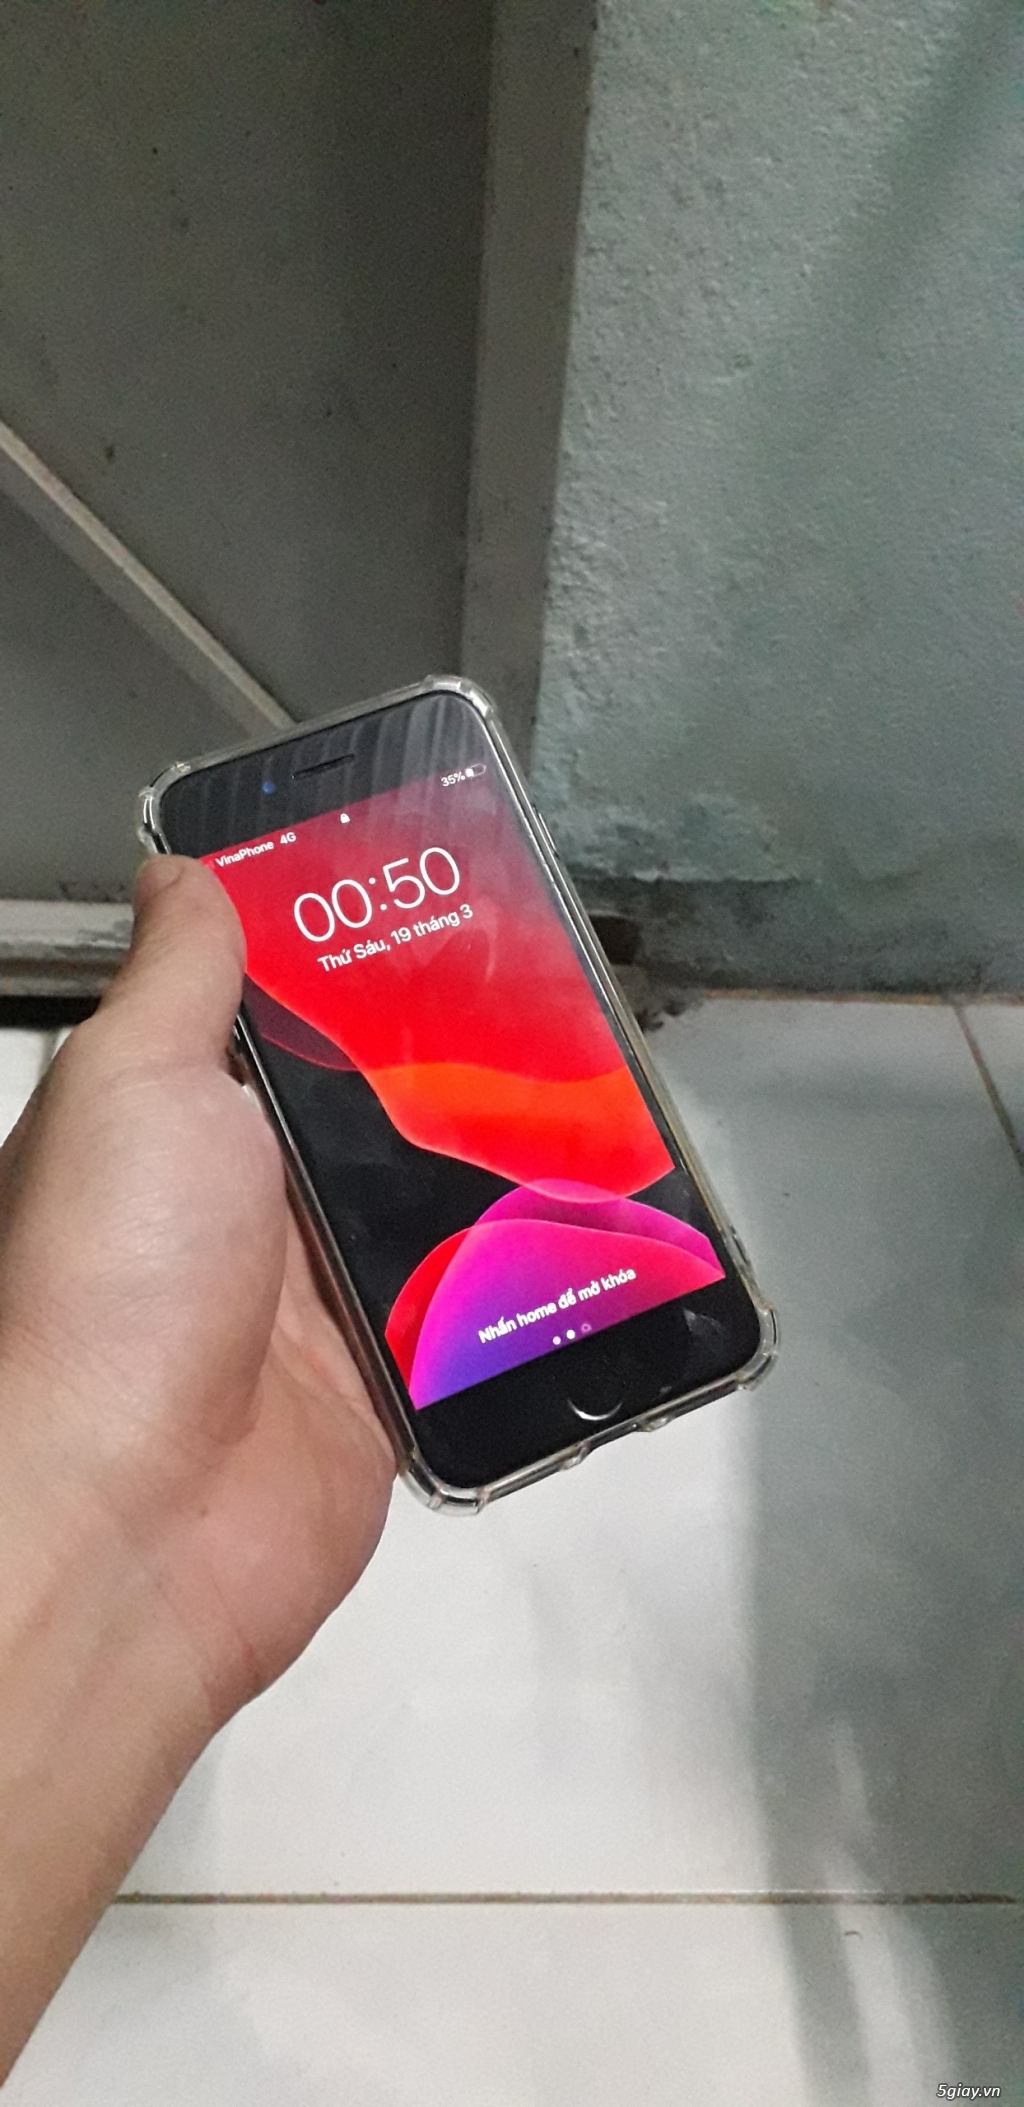 Bán Iphone 7 128G vân tay nhạy máy quốc tế zin - 1